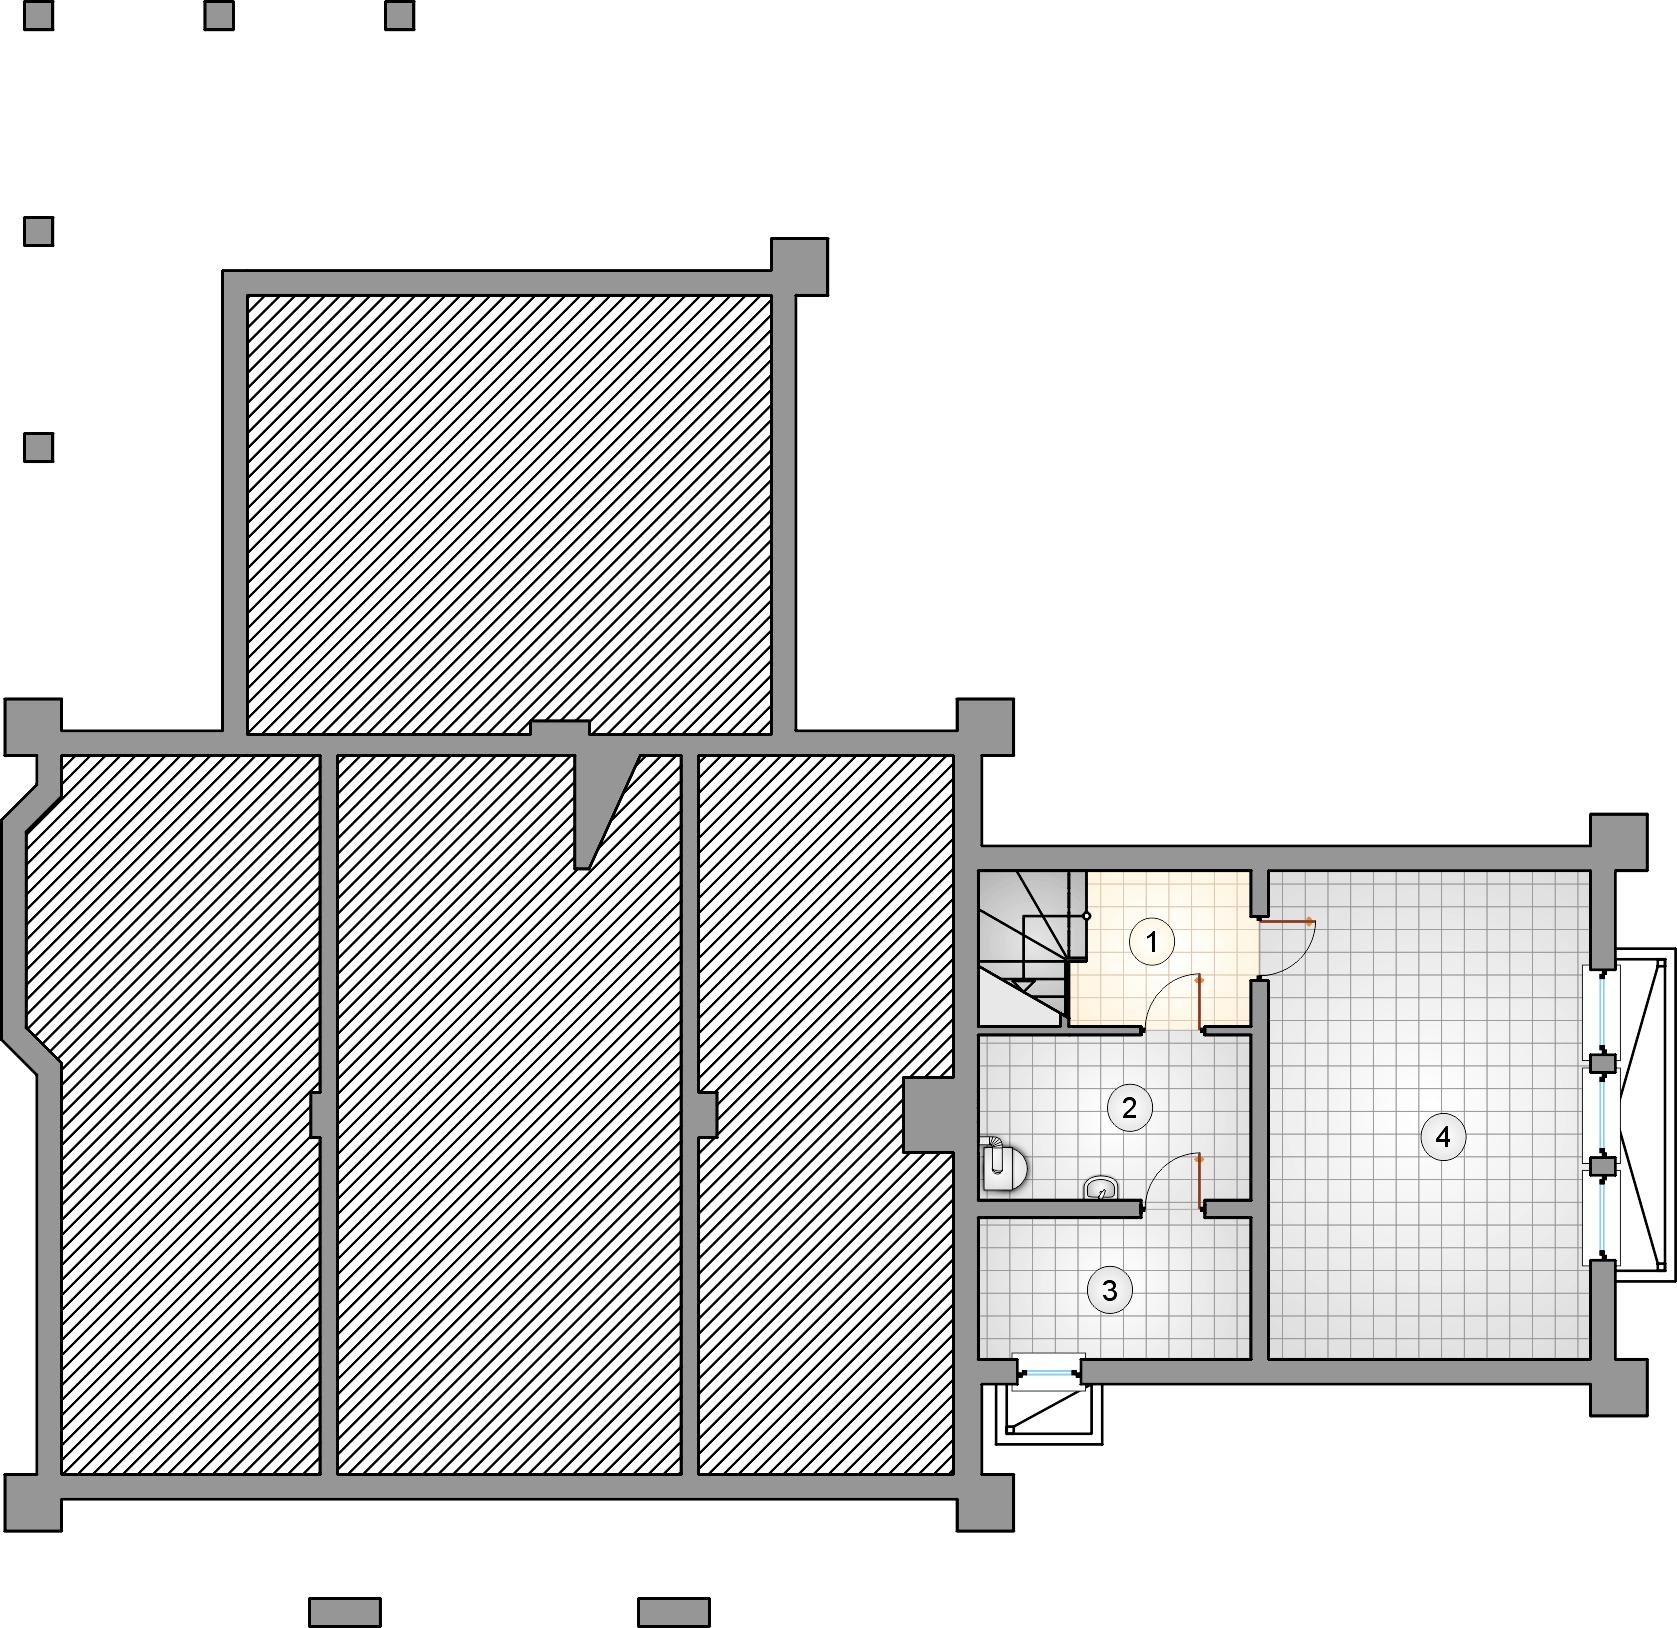 Rzut piwnicy - projekt Karmazyn - wersja lustrzana